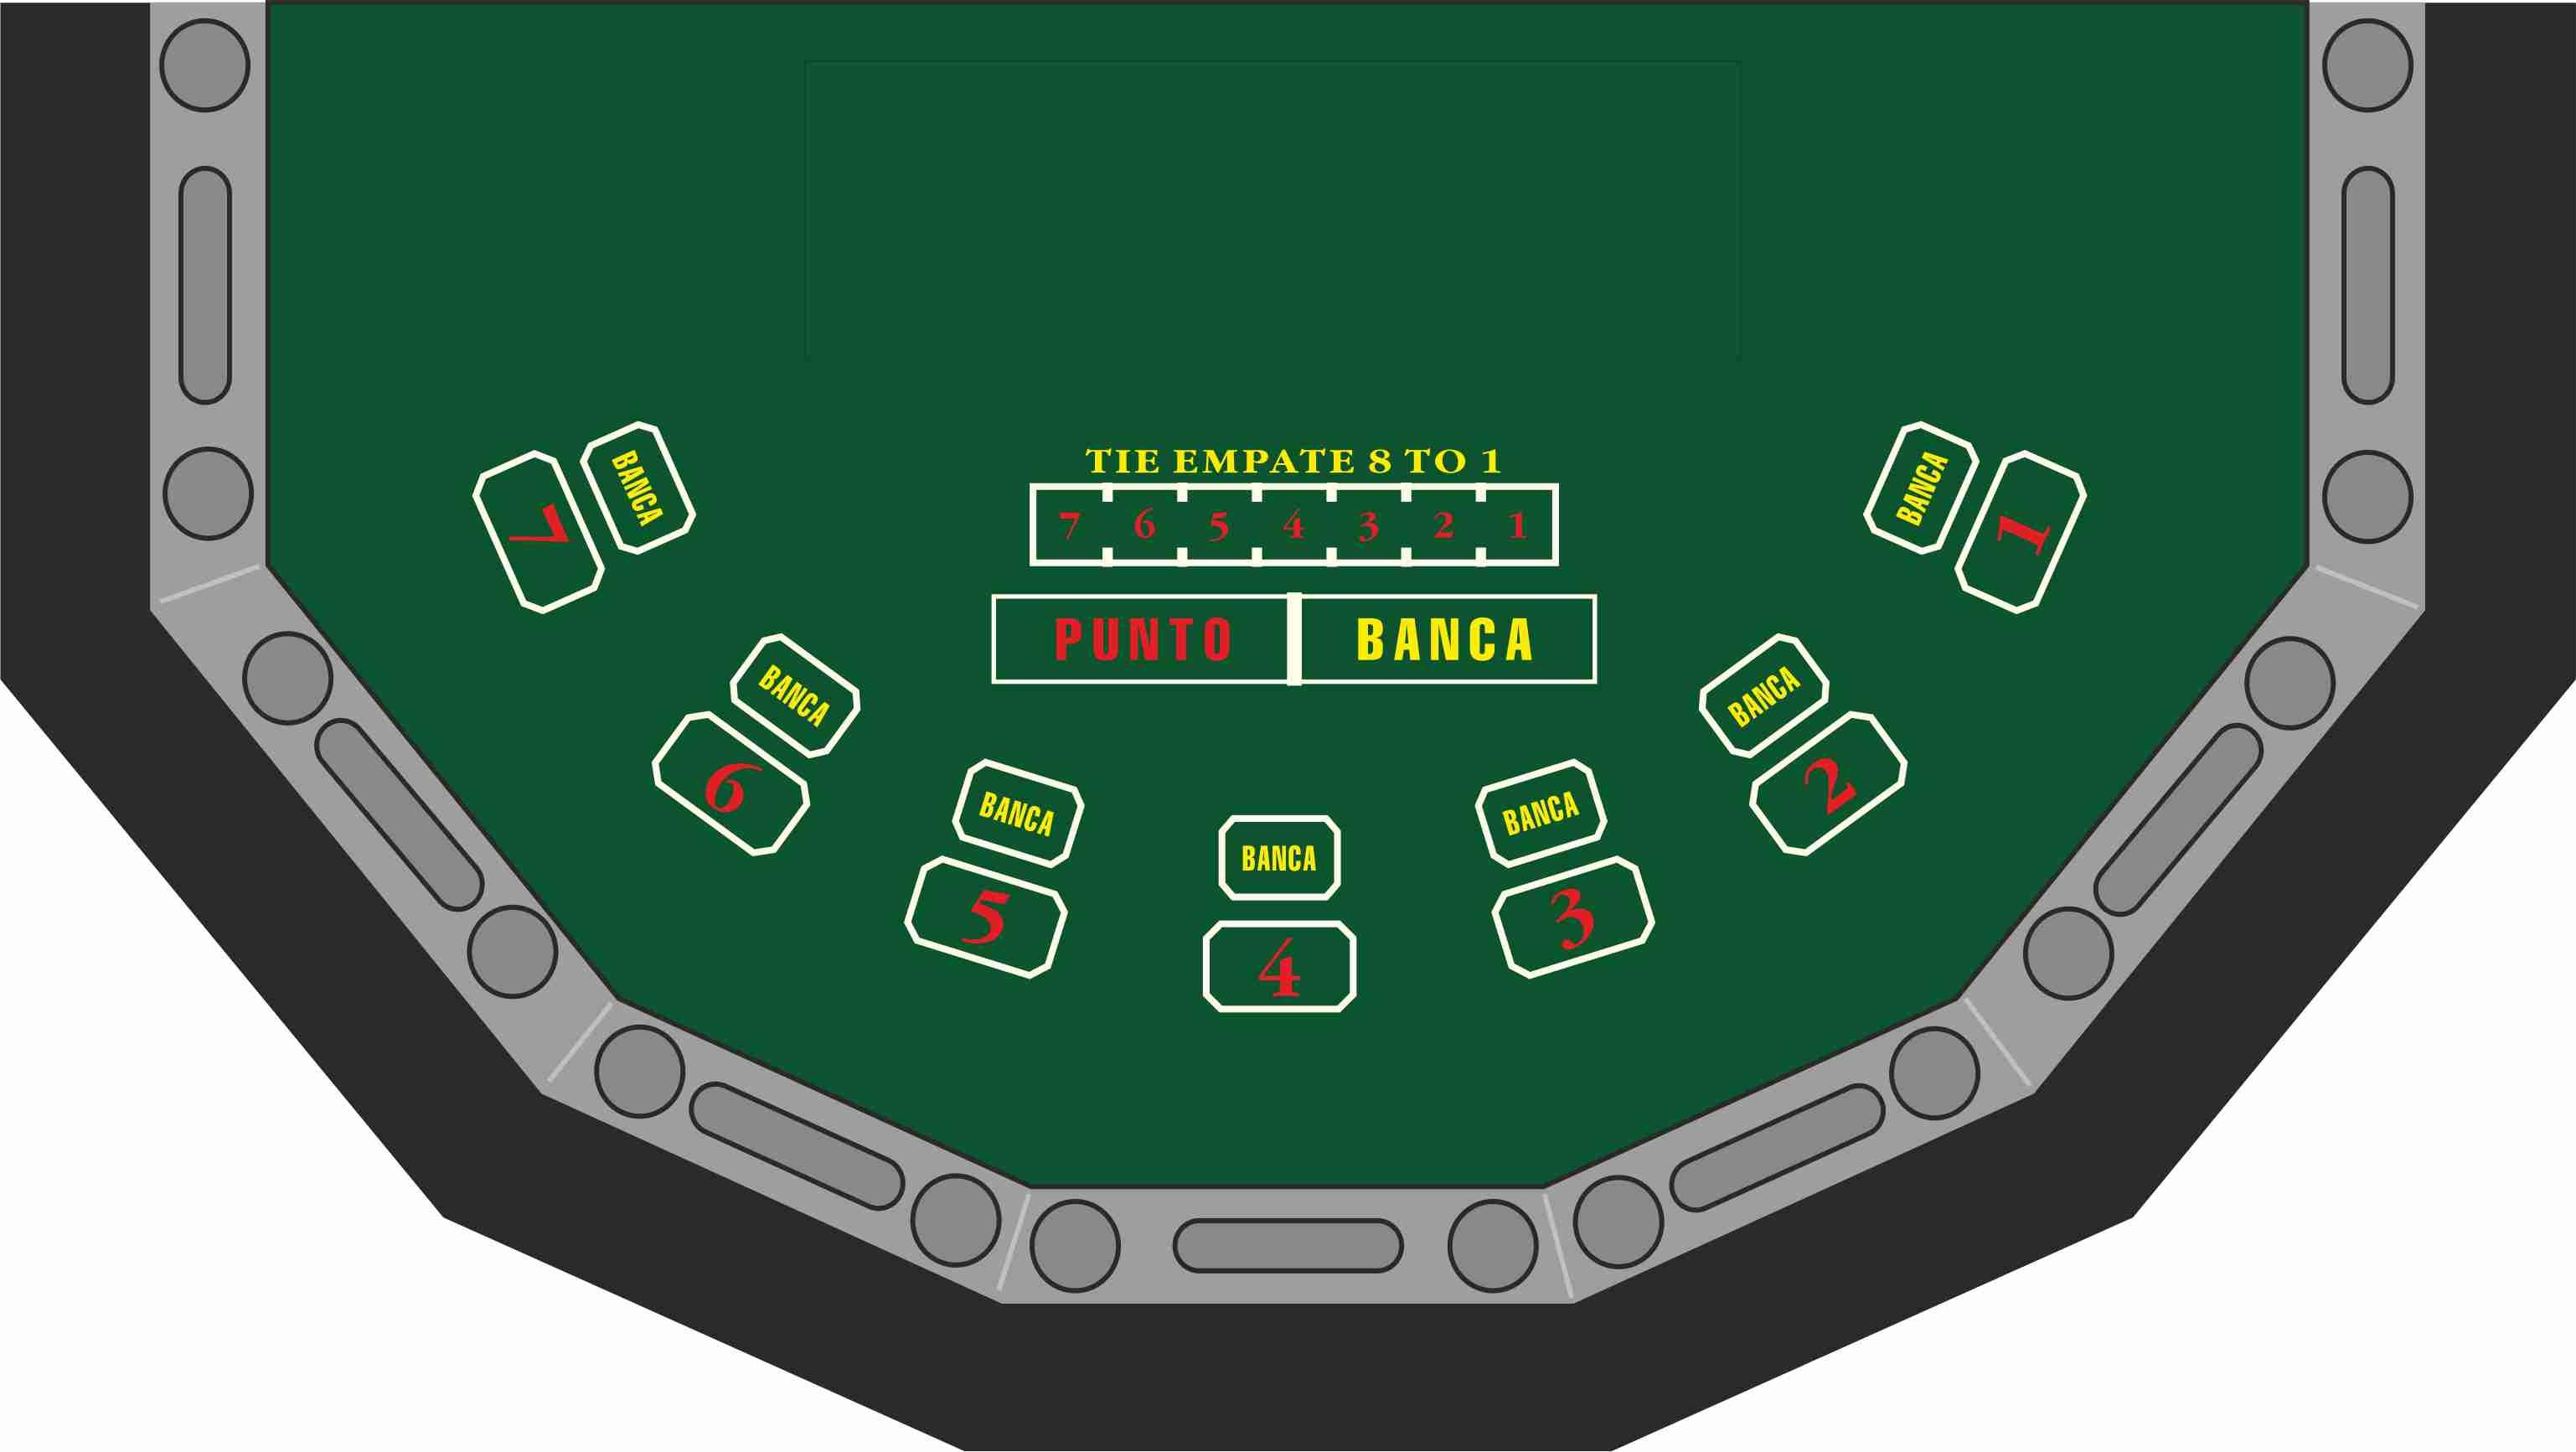 Punto y Banca 7 jugadores